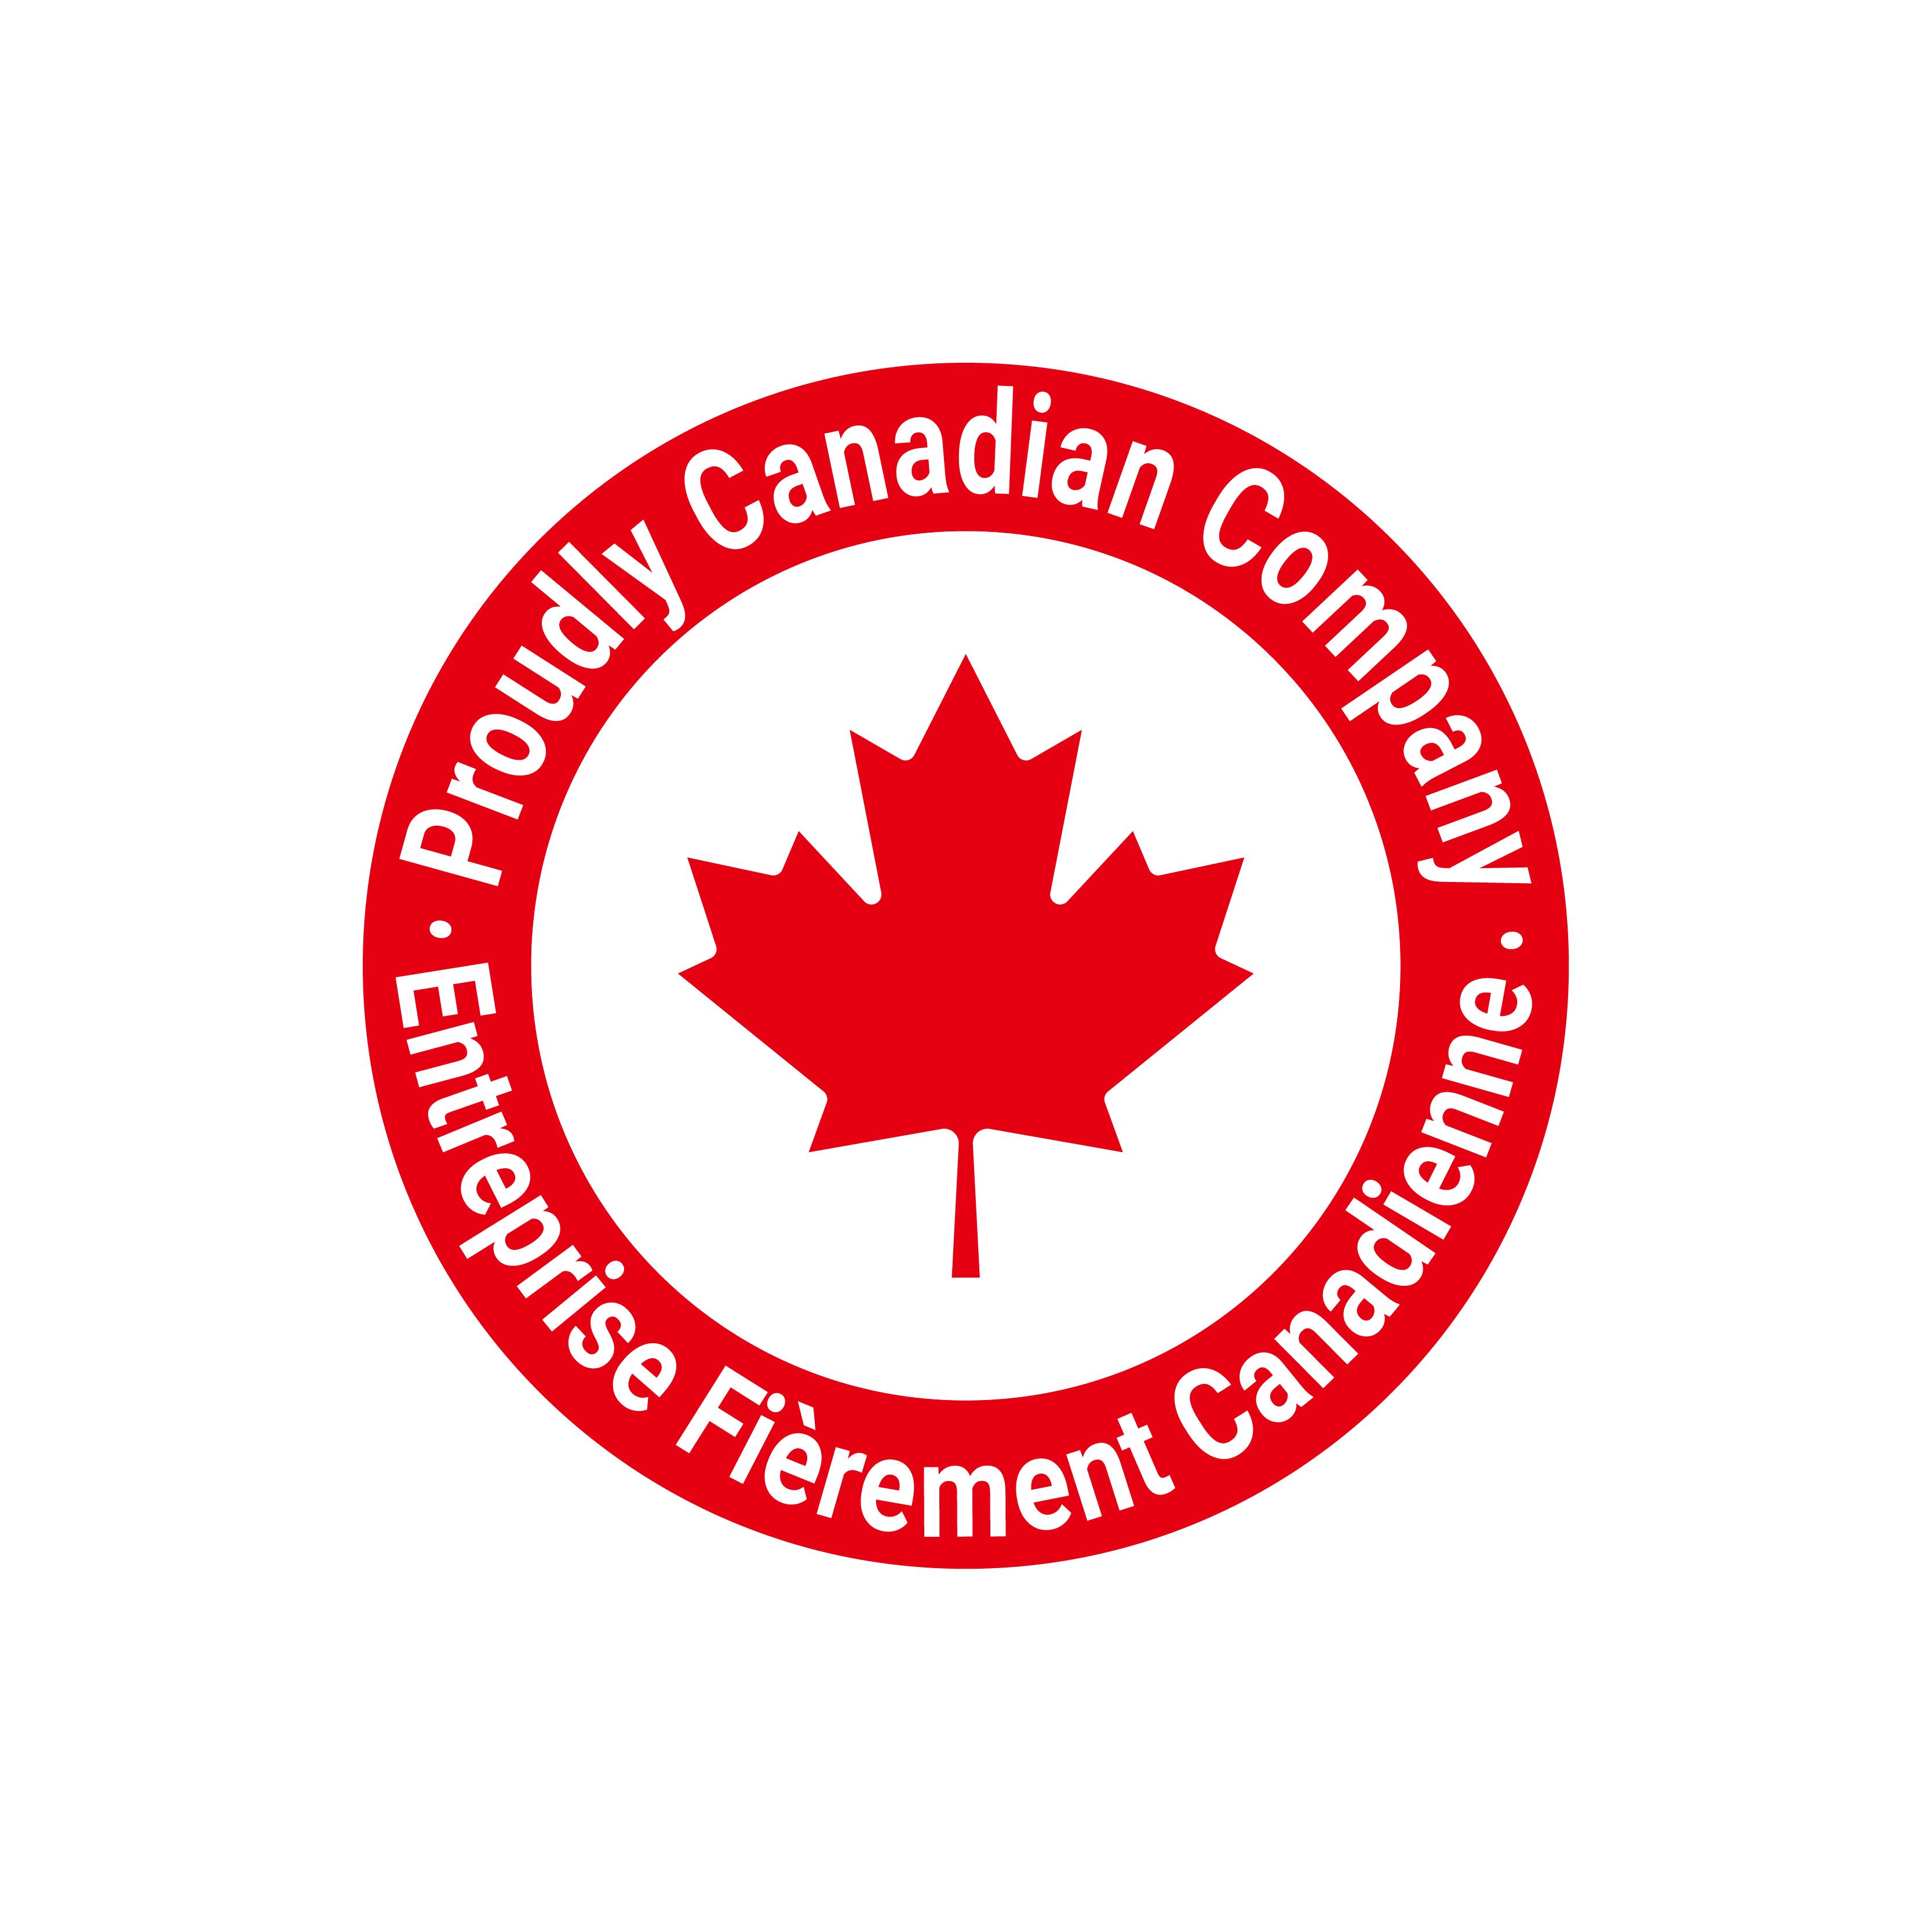 Proudly Canadian Company logo